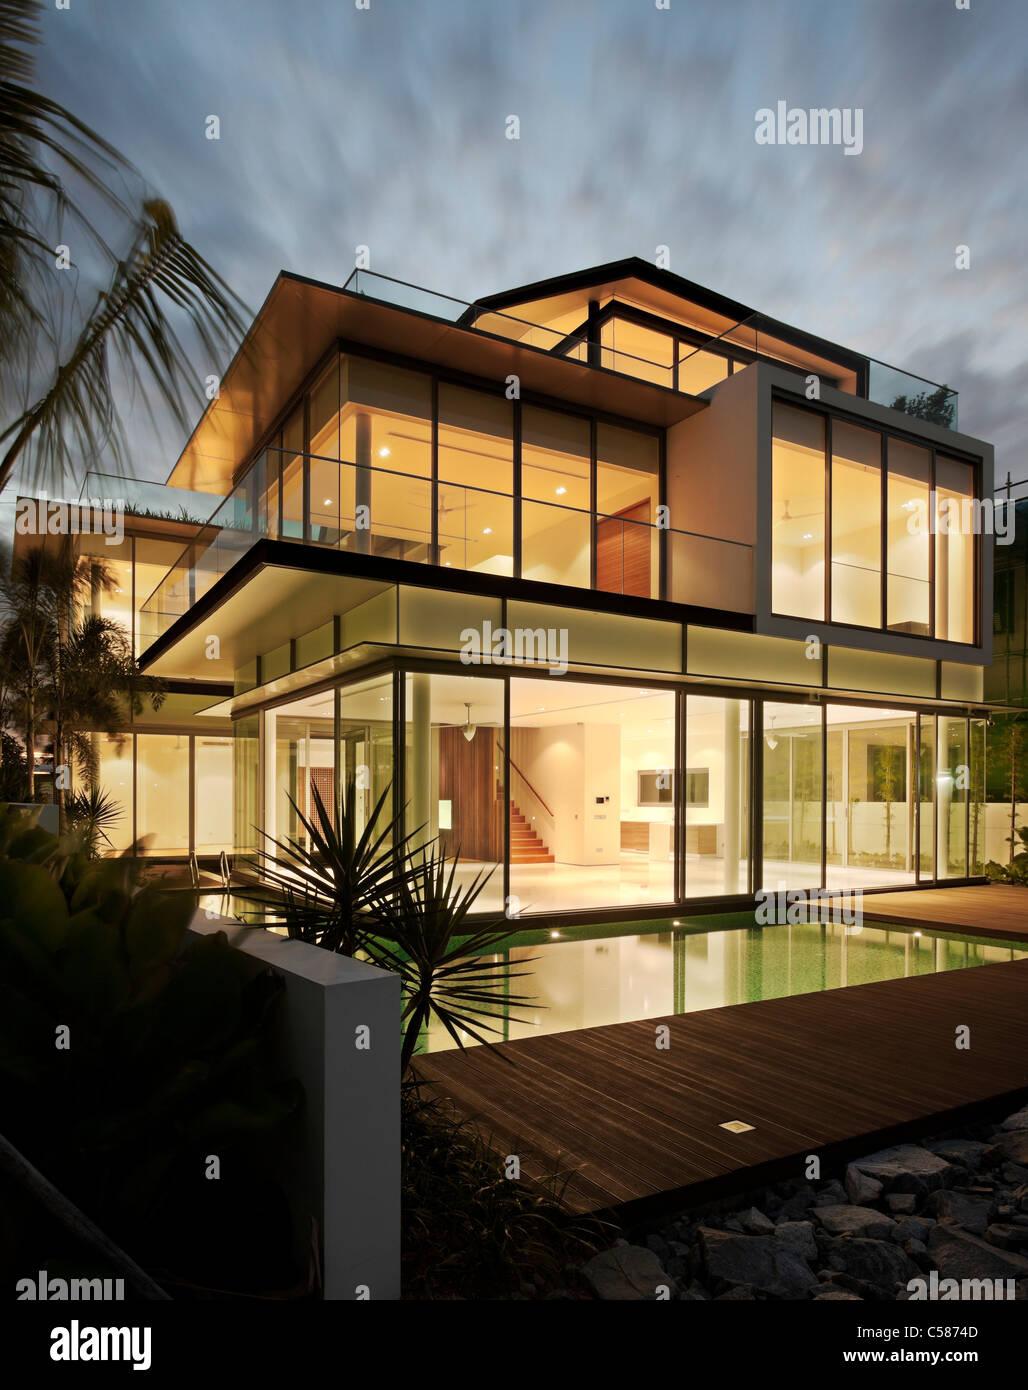 Casa moderna de cristal al anochecer. Imagen De Stock